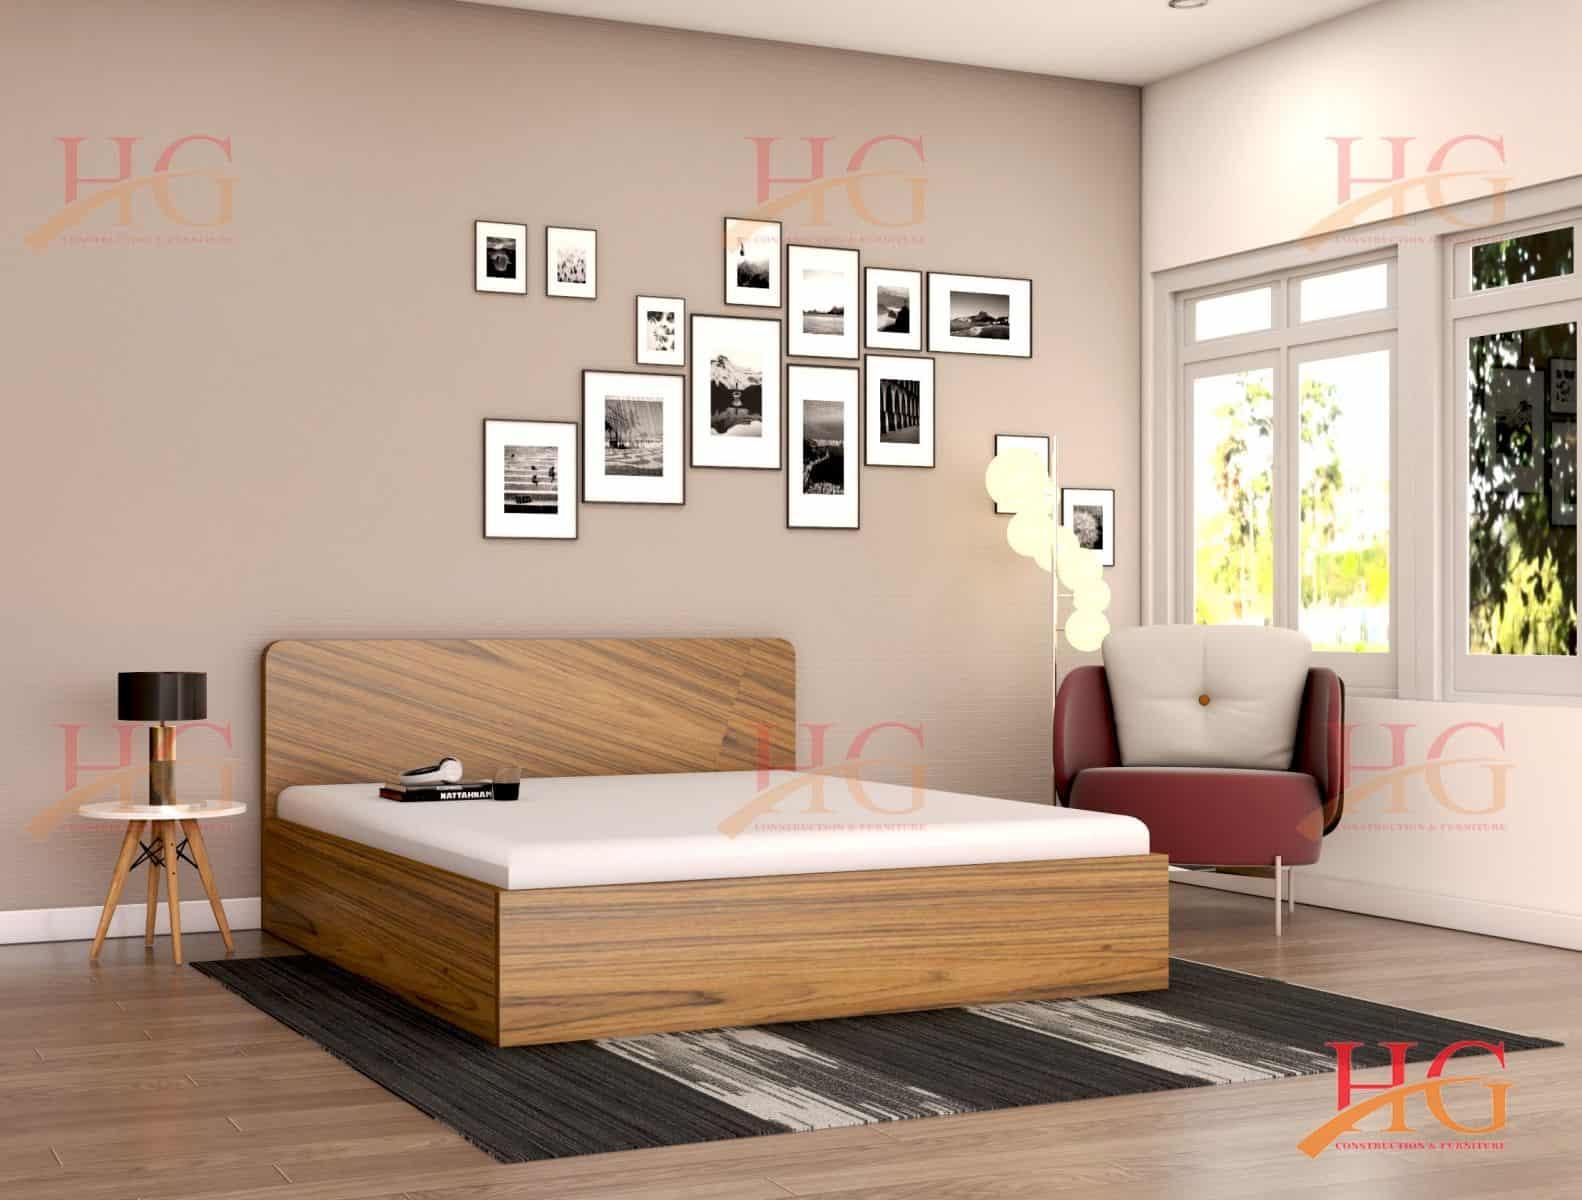 7b1 - Giường ngủ